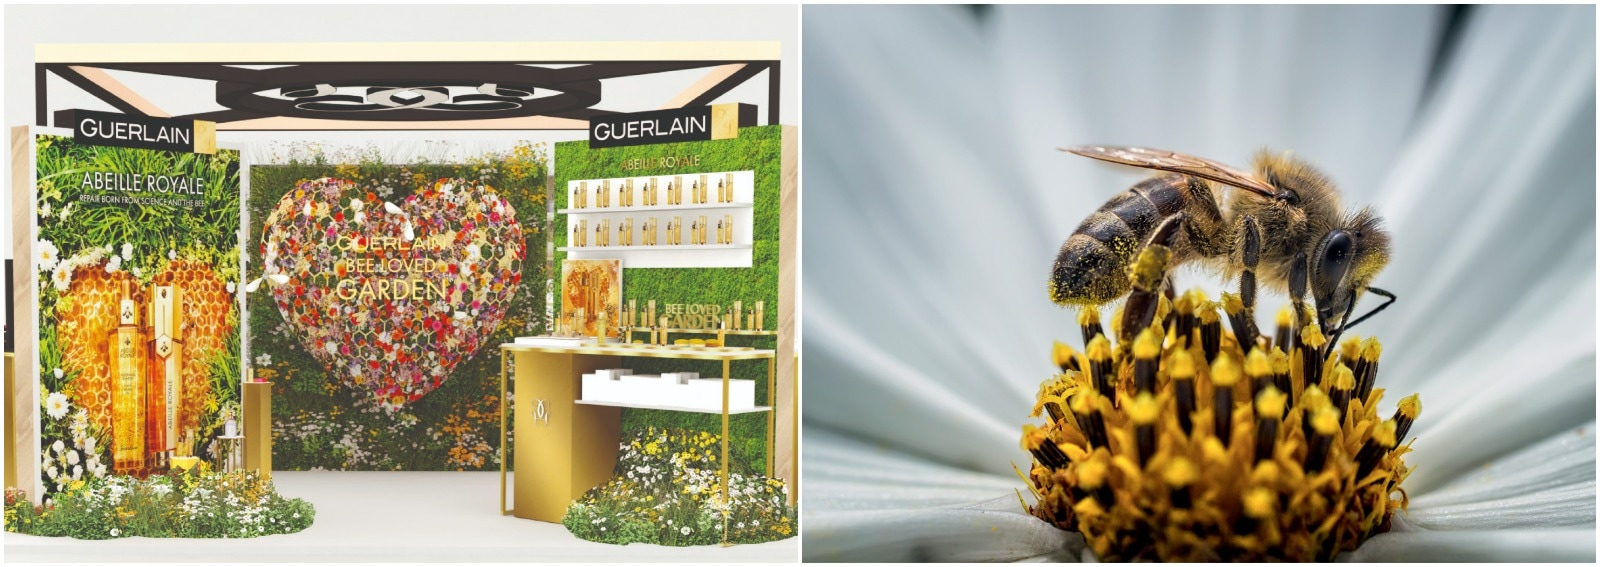 guerlain-bee-garden-2021-cover desktop